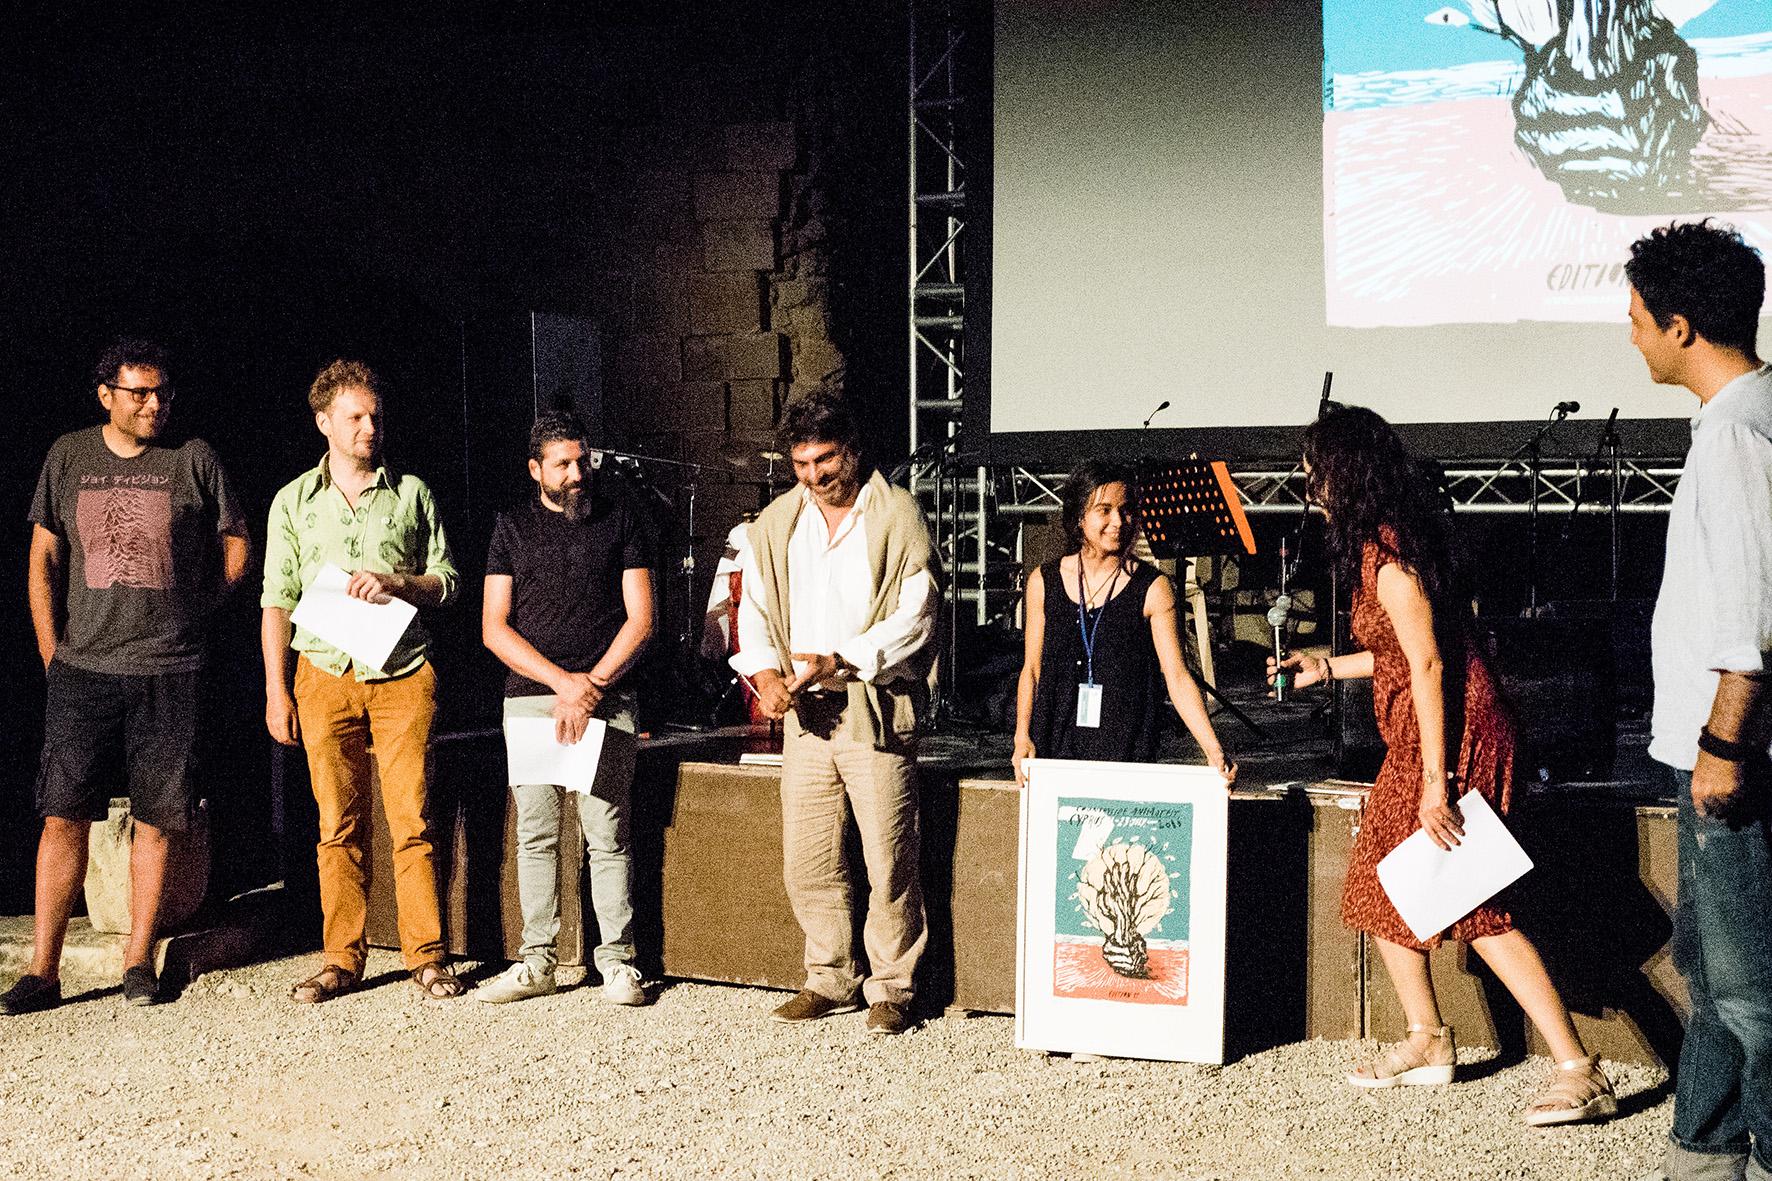 Βραβεύσεις και τελετή λήξης του 15ου Διεθνούς Φεστιβάλ του Σινεμά Animation στην Ύπαιθρο, «Όψεις του Κόσμου»